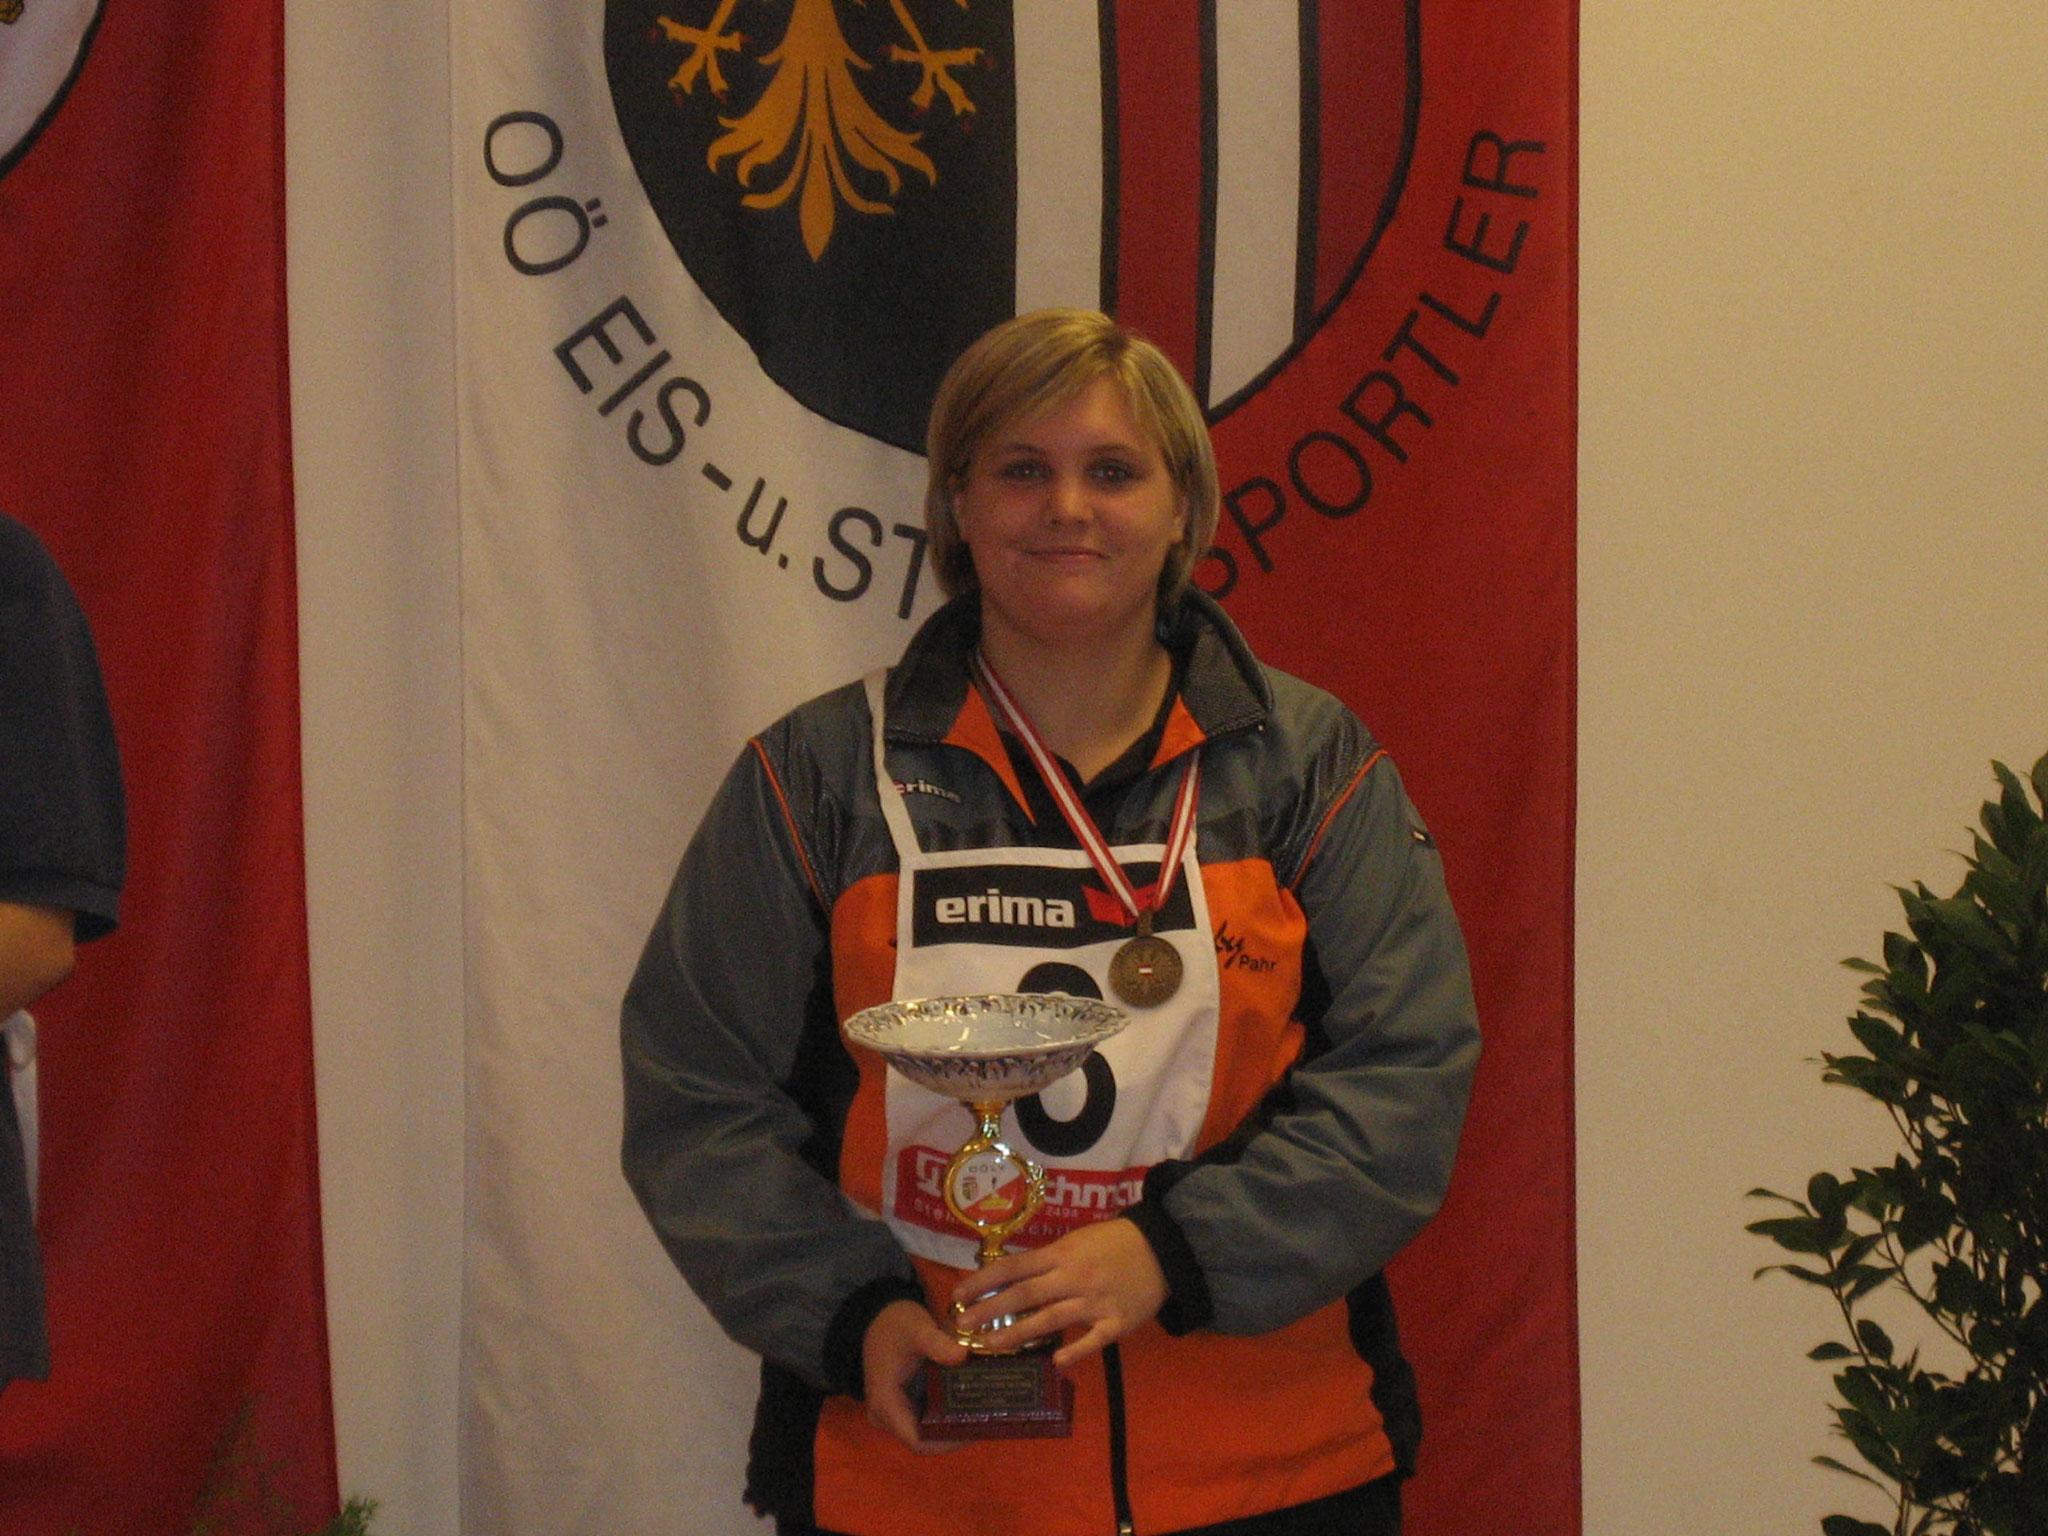 Stefanie Pulay, 3. ÖM Ziel U23 Sommer 2007